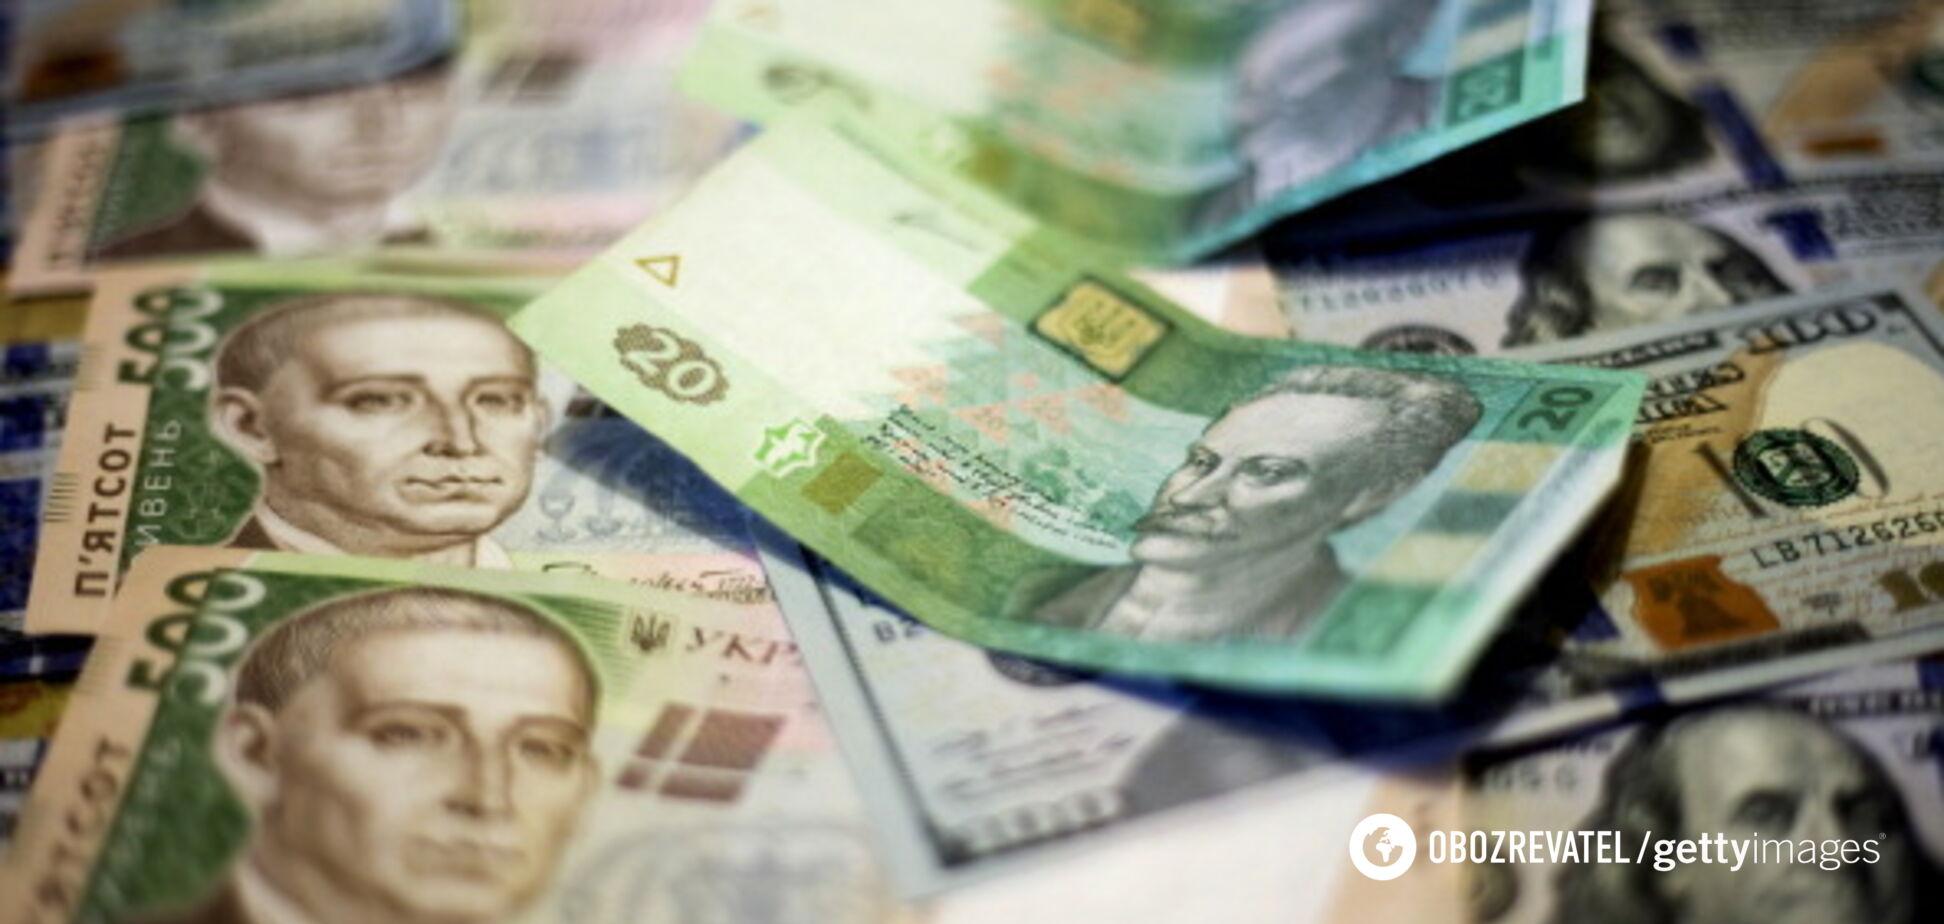 Українцям роздали субсидії на руки: що в жодному разі не можна робити